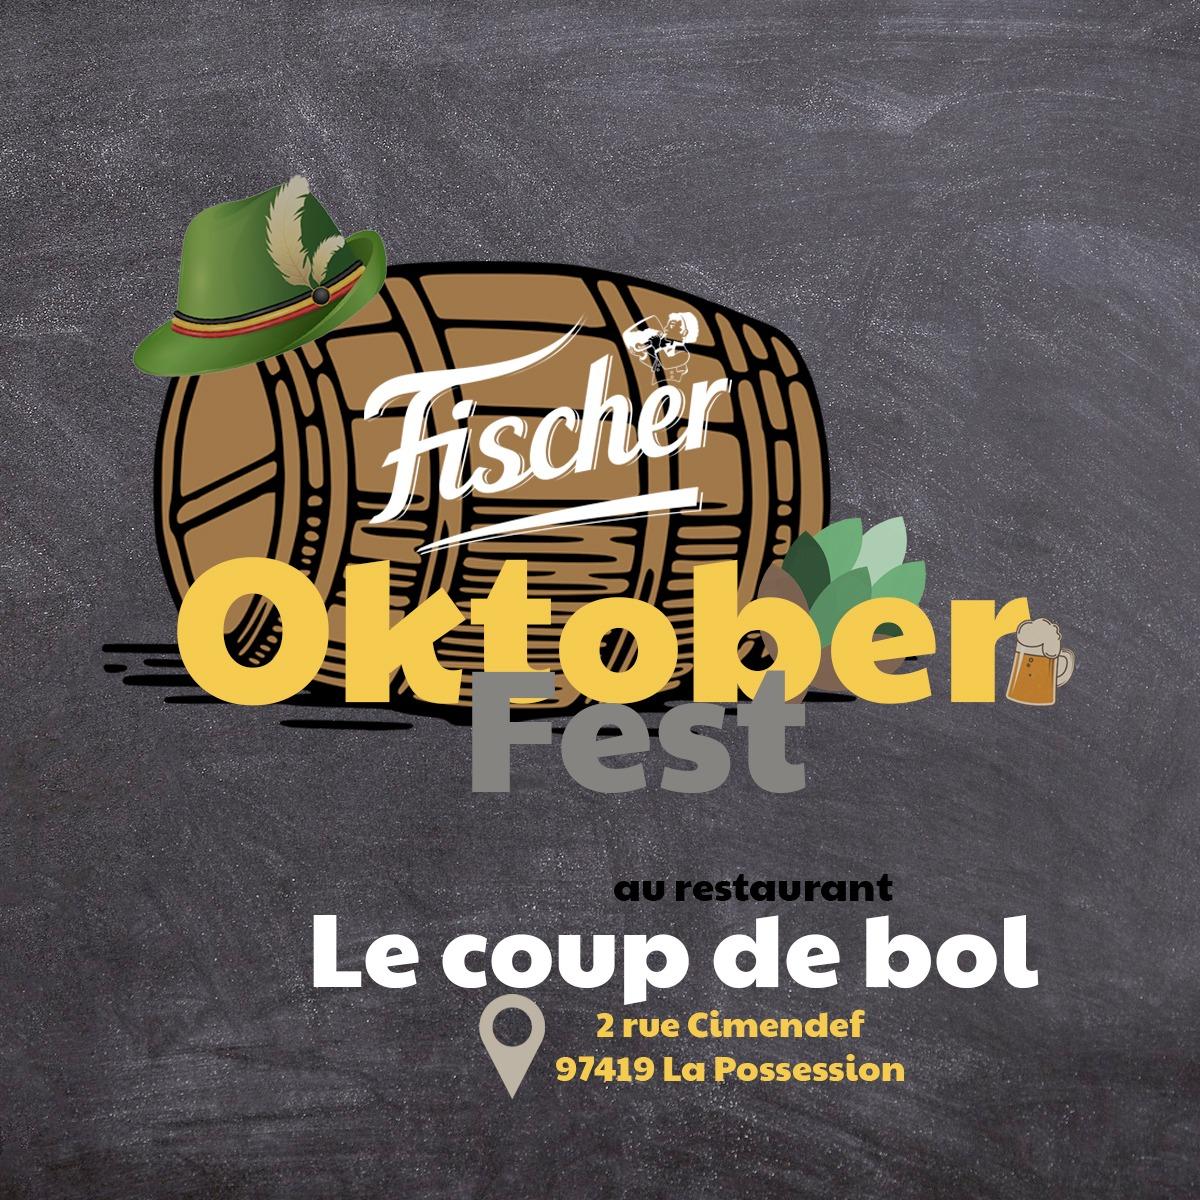 oktoberfest_fischer_reunion.jpg